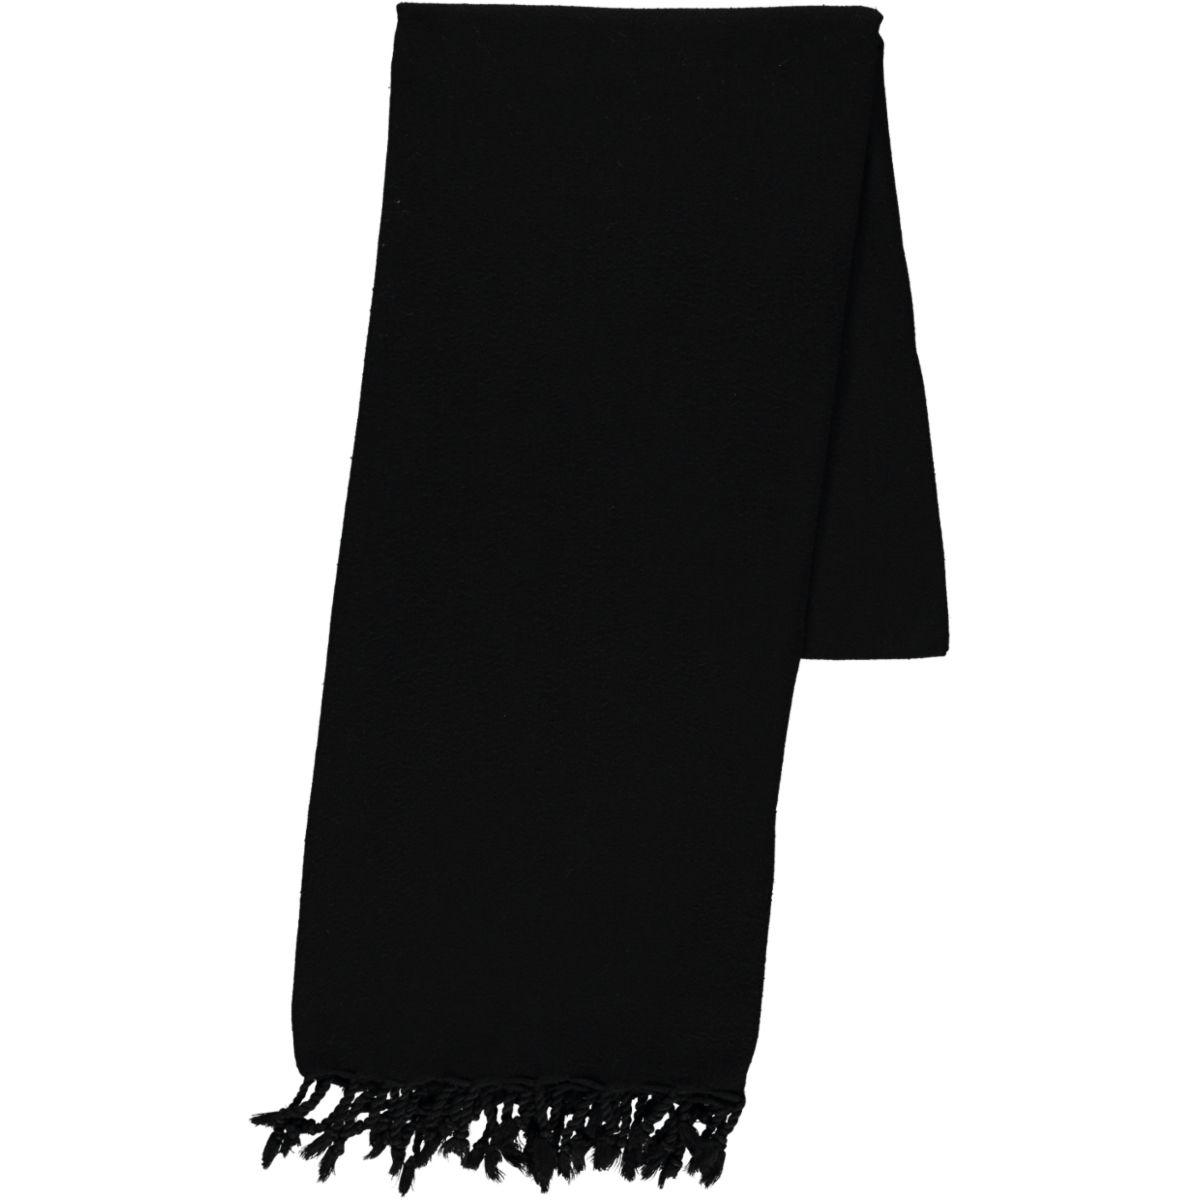 Peshtemal Kevser - Black